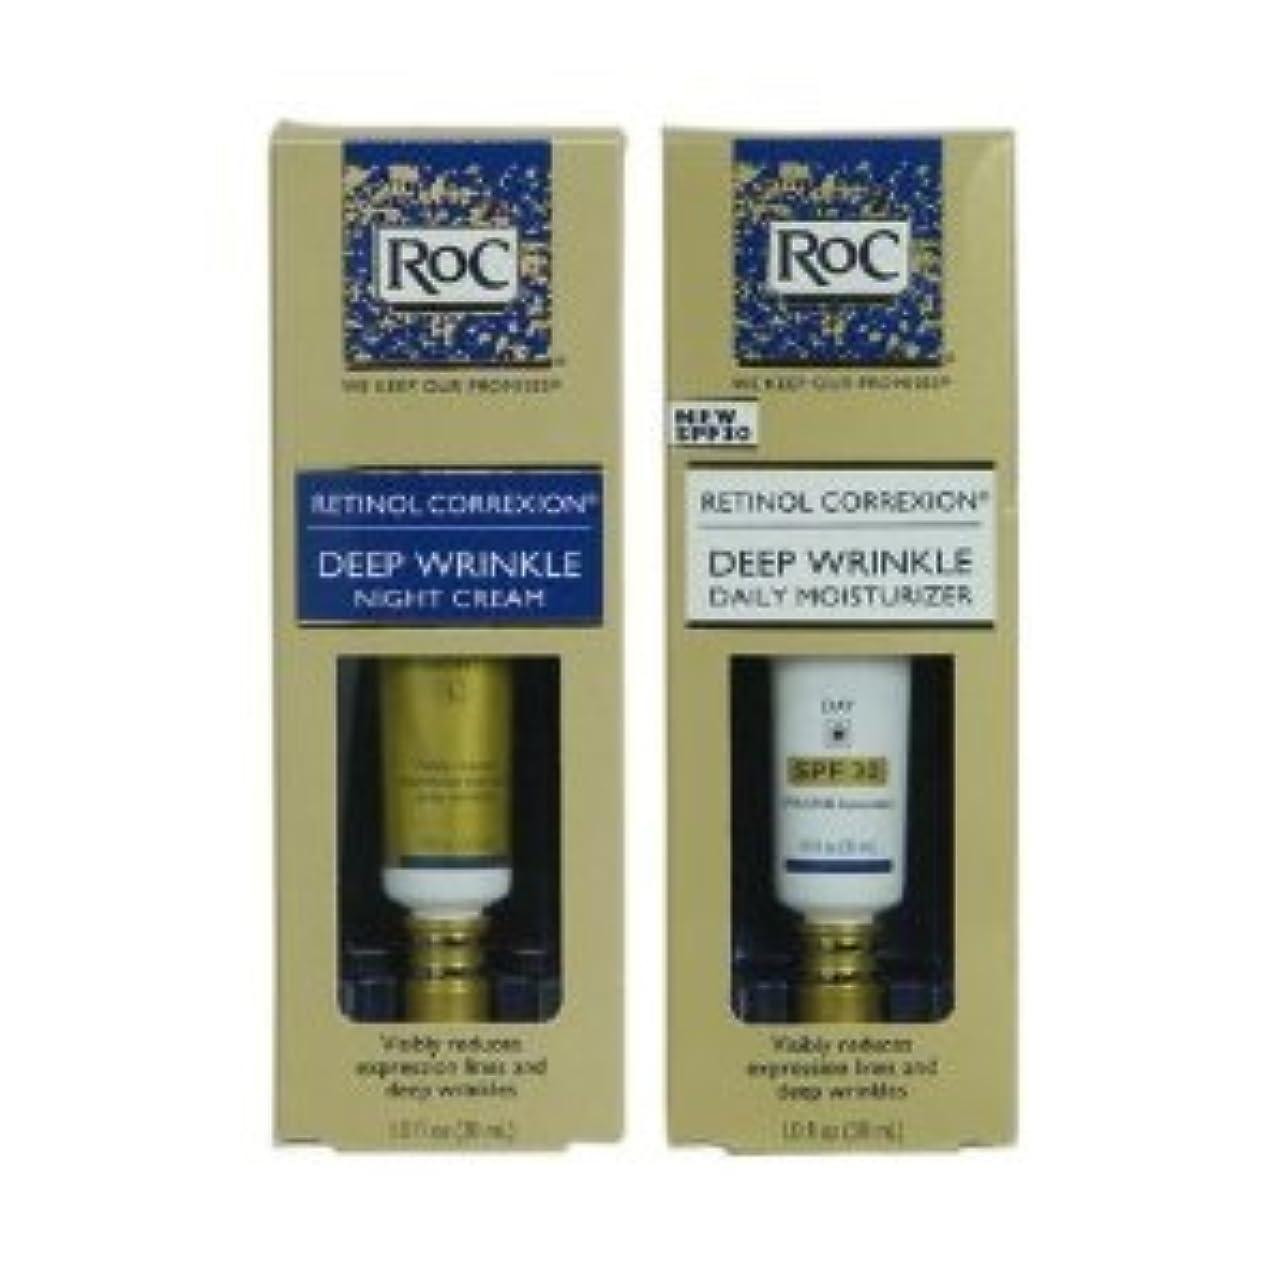 戦う誘うカプラーRoC レチノール コレクション 2本セット (昼+夜セット) フランス製 RoC Retinol Correxion Deep Wrinkle Day/Night set